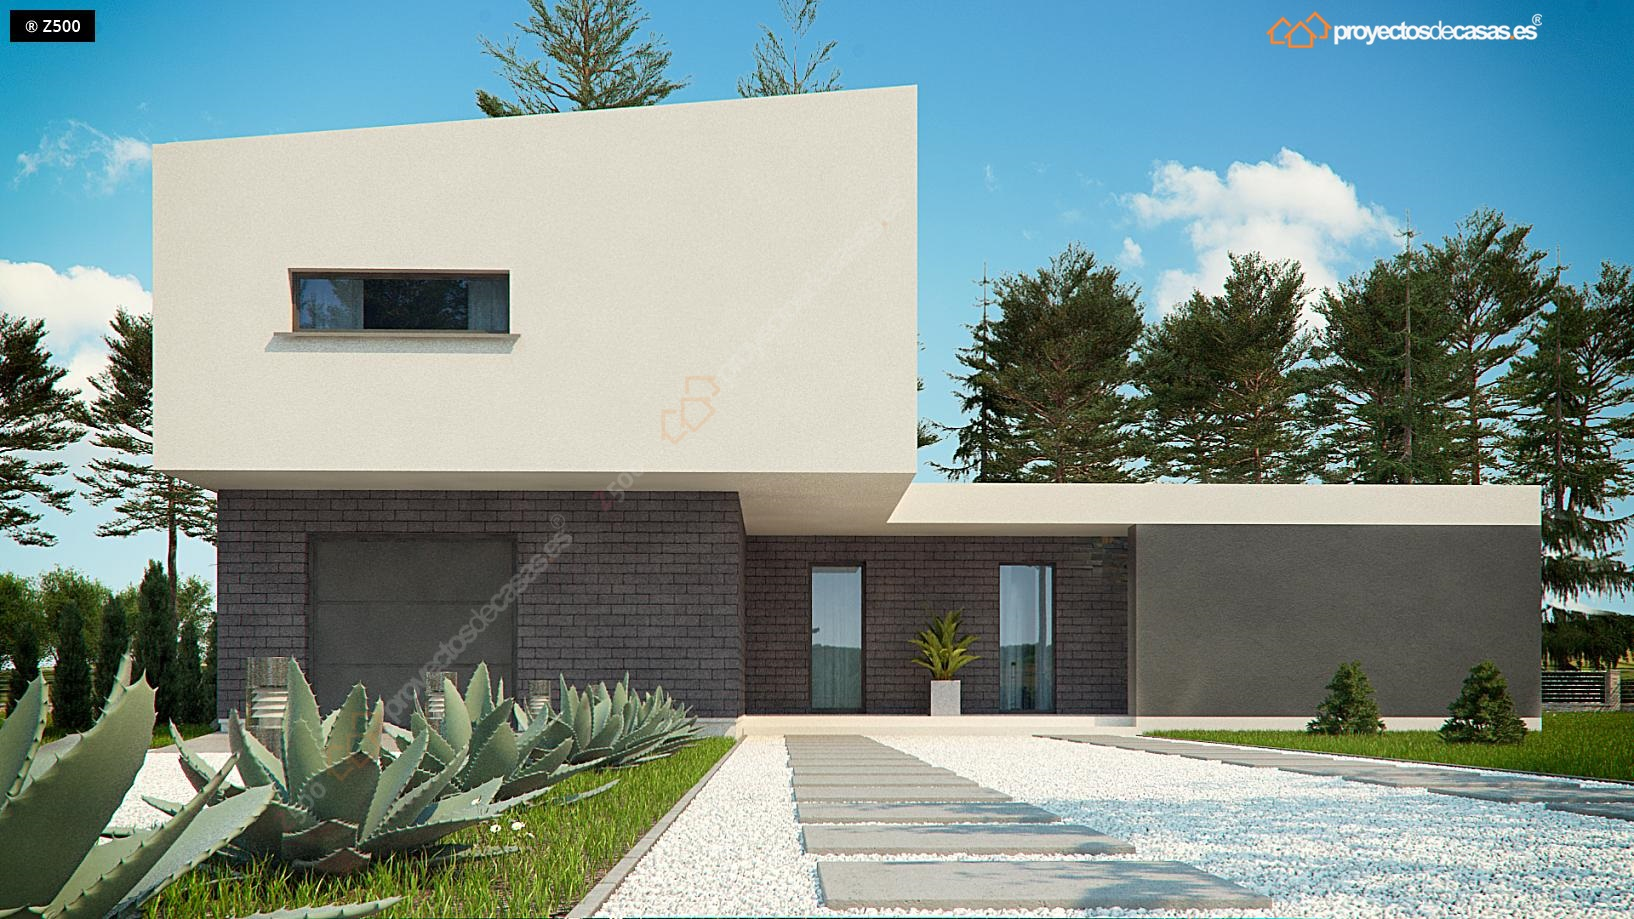 Proyectos de casas casa de dise o moderna - Casas modernas madrid ...